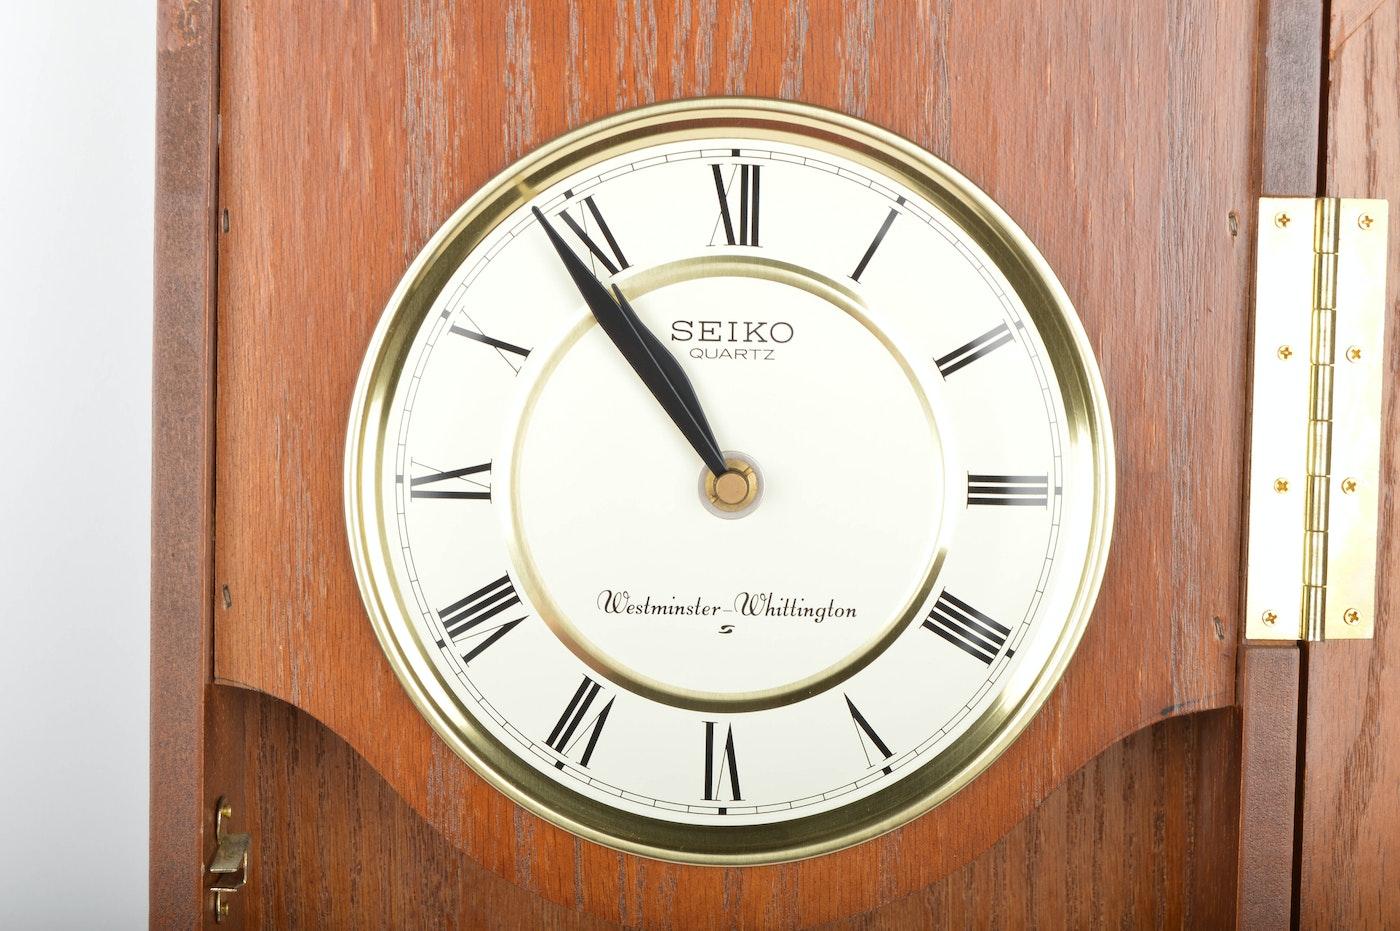 Seiko Quartz Westminster Whittington Wall Clock Ebth